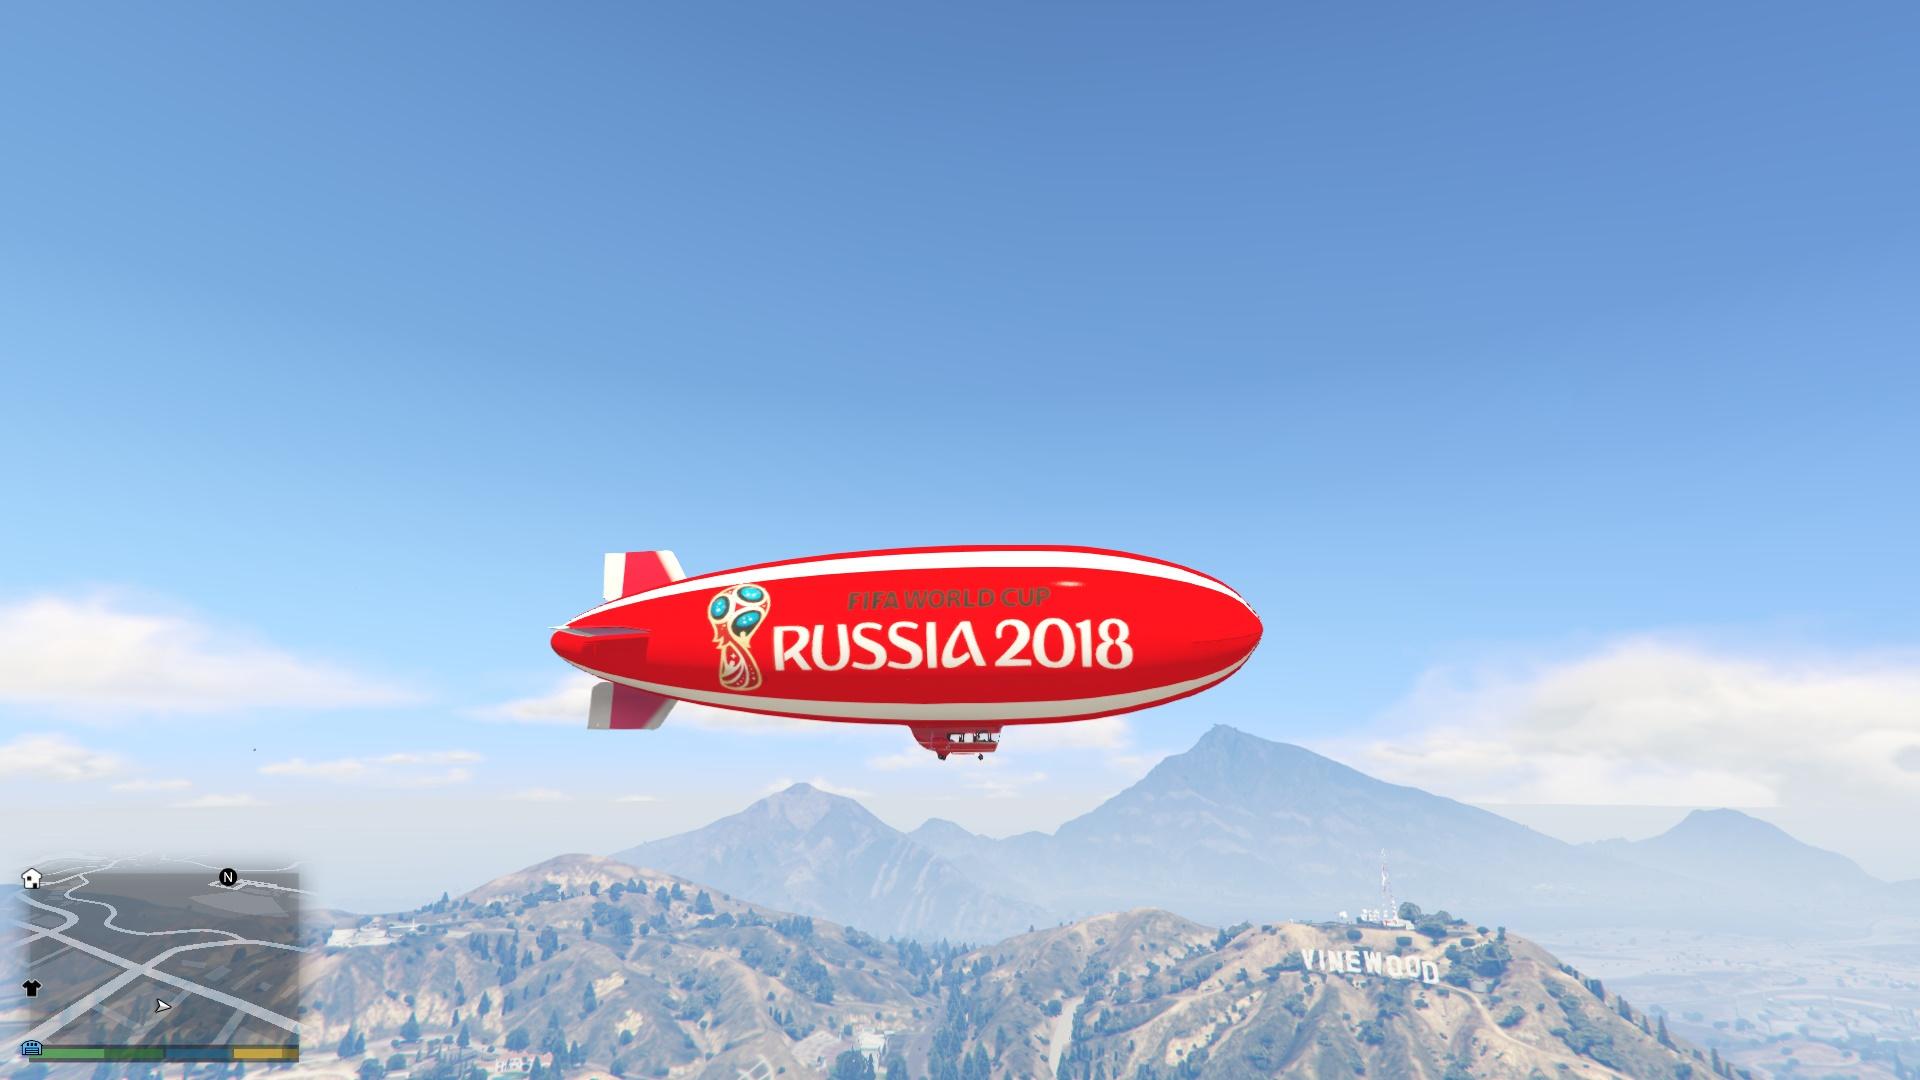 侠盗猎车手5 2018俄罗斯世